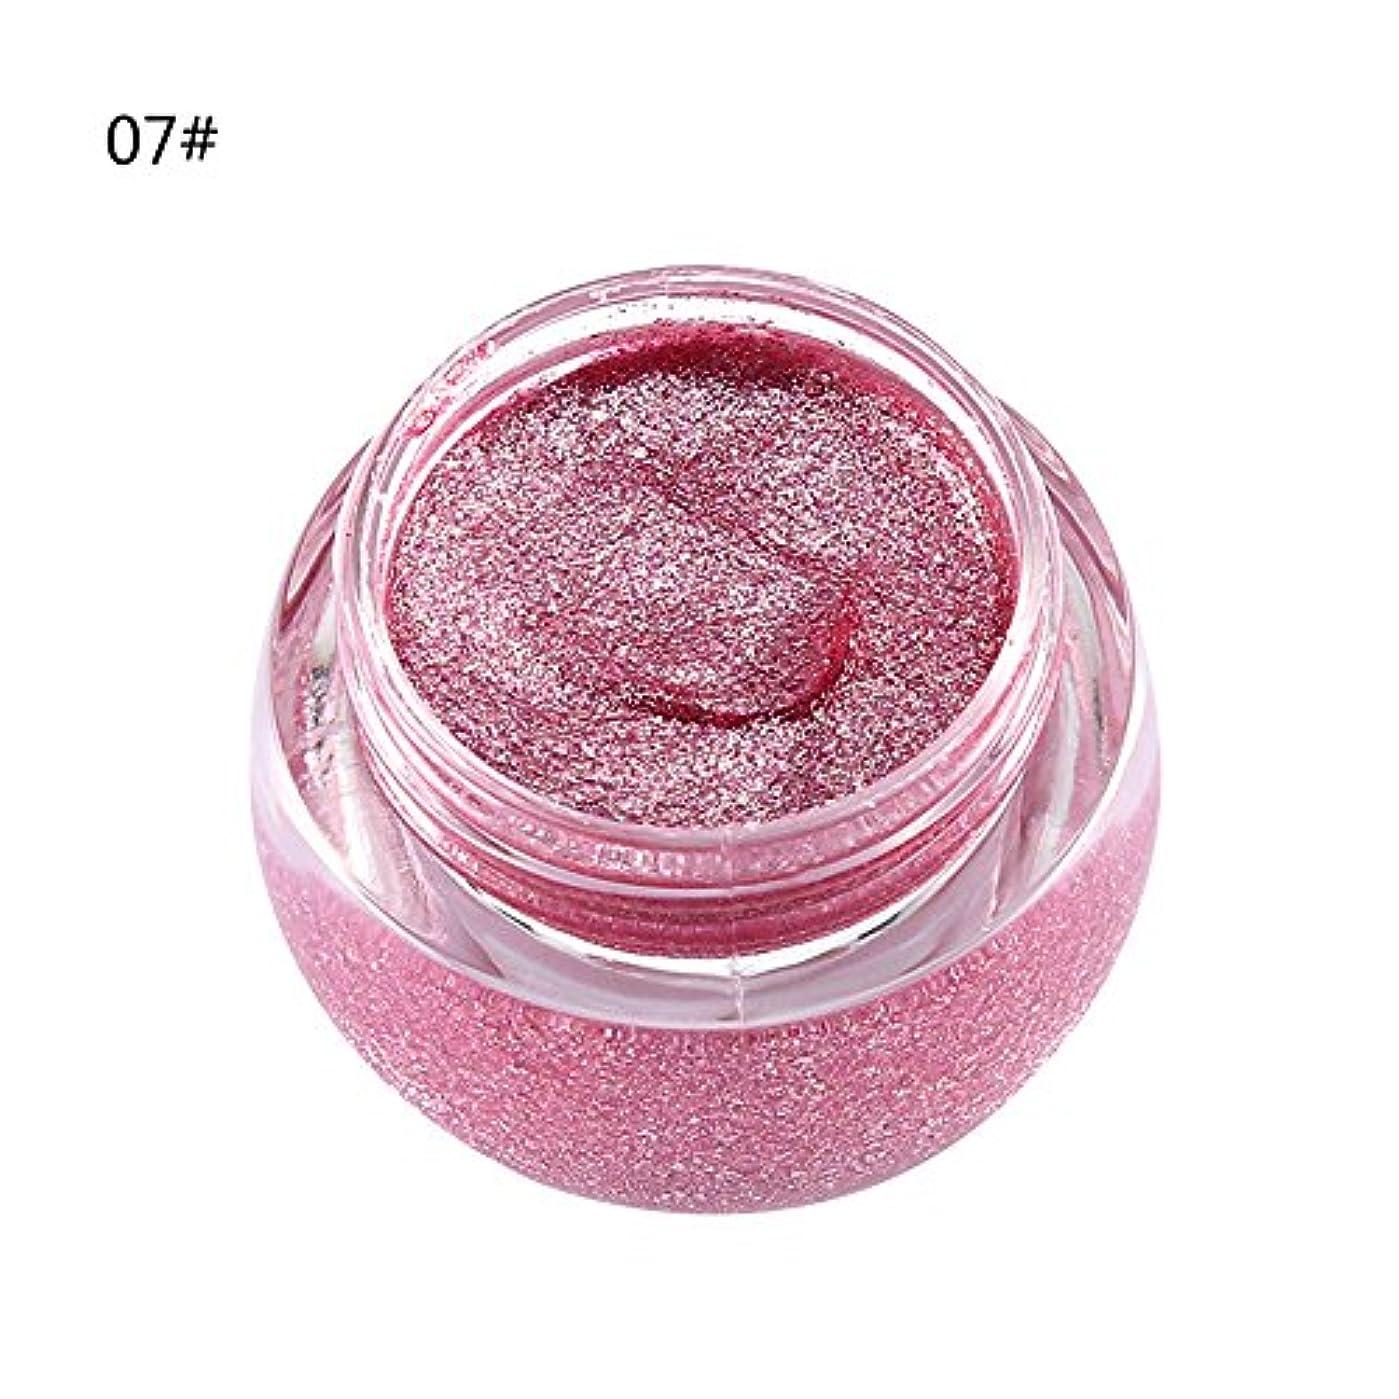 教科書製作学士アイシャドウ 単色 化粧品 光沢 保湿 キラキラ 美しい タイプ 07